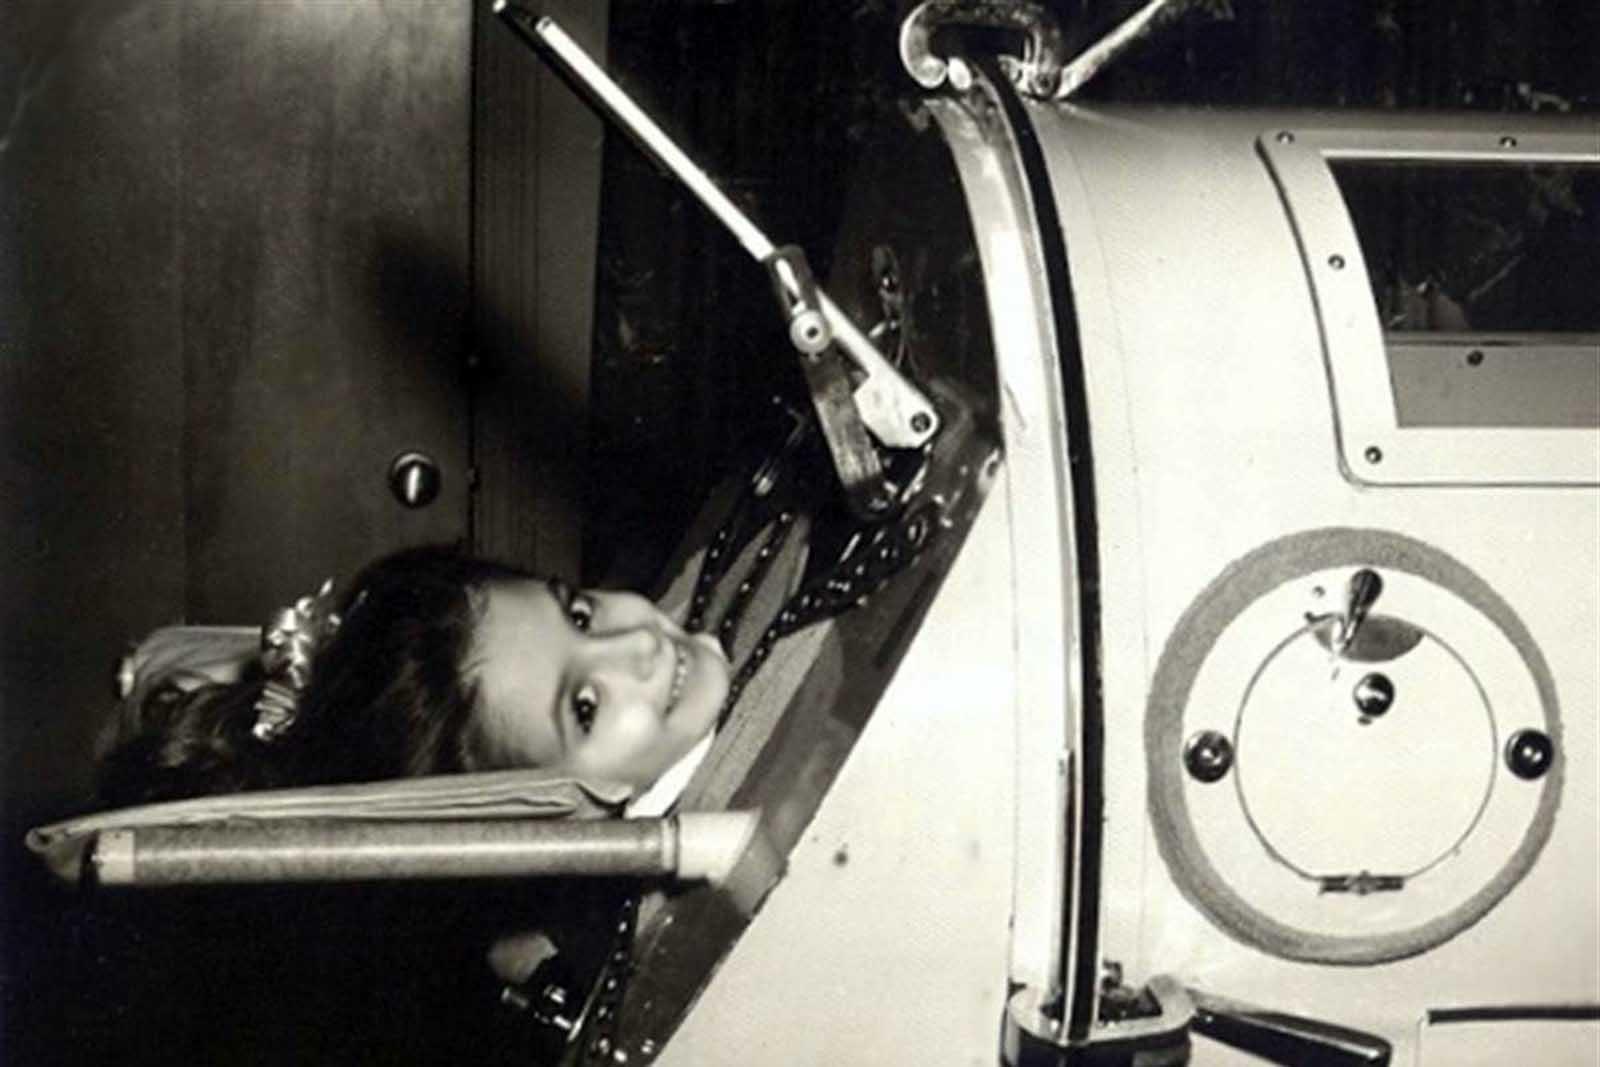 Martha Ann Lillard tenía solo 5 años en 1953 cuando se vio paralizada por la polio y tuvo que usar un respirador de hierro para pulmones. Ella pasó seis décadas en el dispositivo de 800 libras.